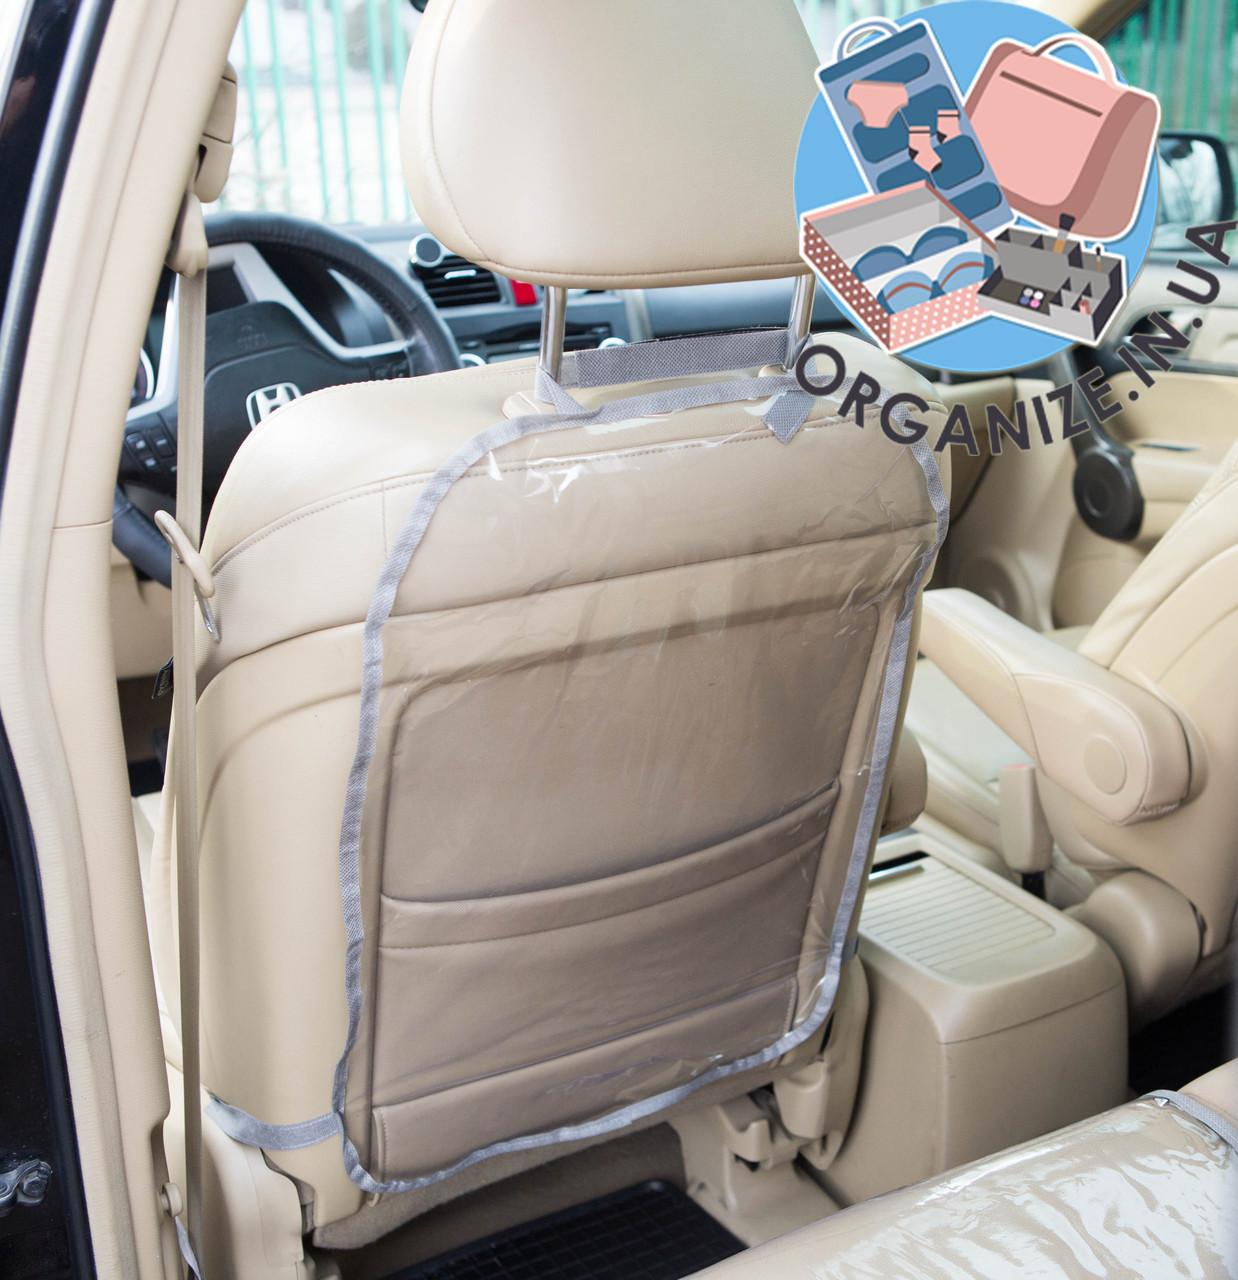 Защита на спинку сиденья в машину + на сидушку (серый)